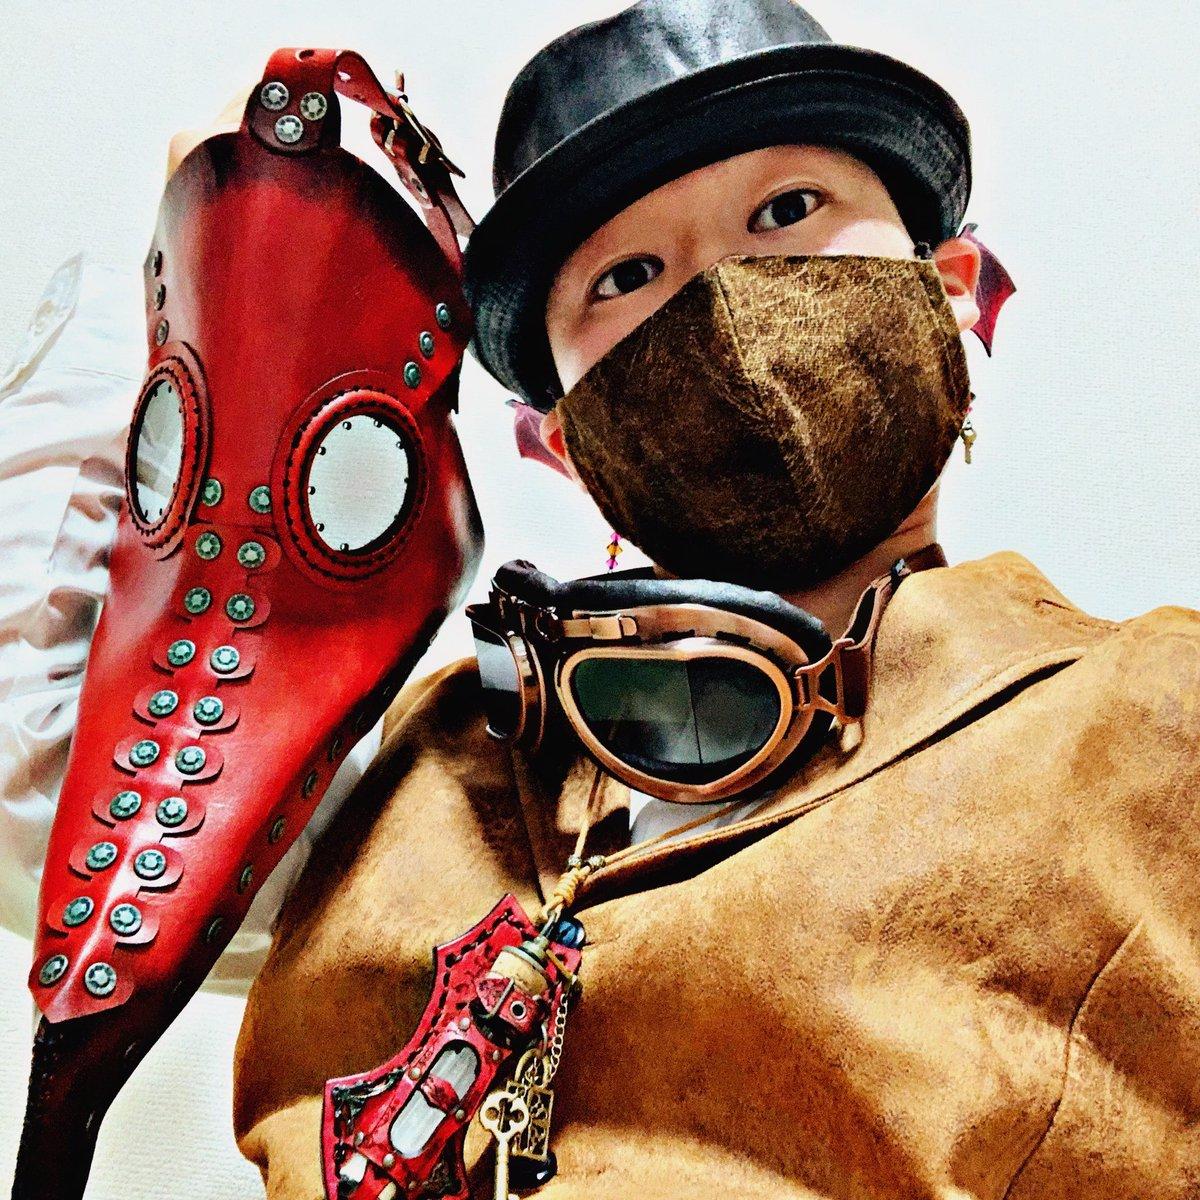 マスクを取ったら普通の人なのです。 顔がデカすぎる…  #steampunk  #スチームパンク #PlagueDoctor #ペストマスク #ペスト医師 #PlagueDoctormask